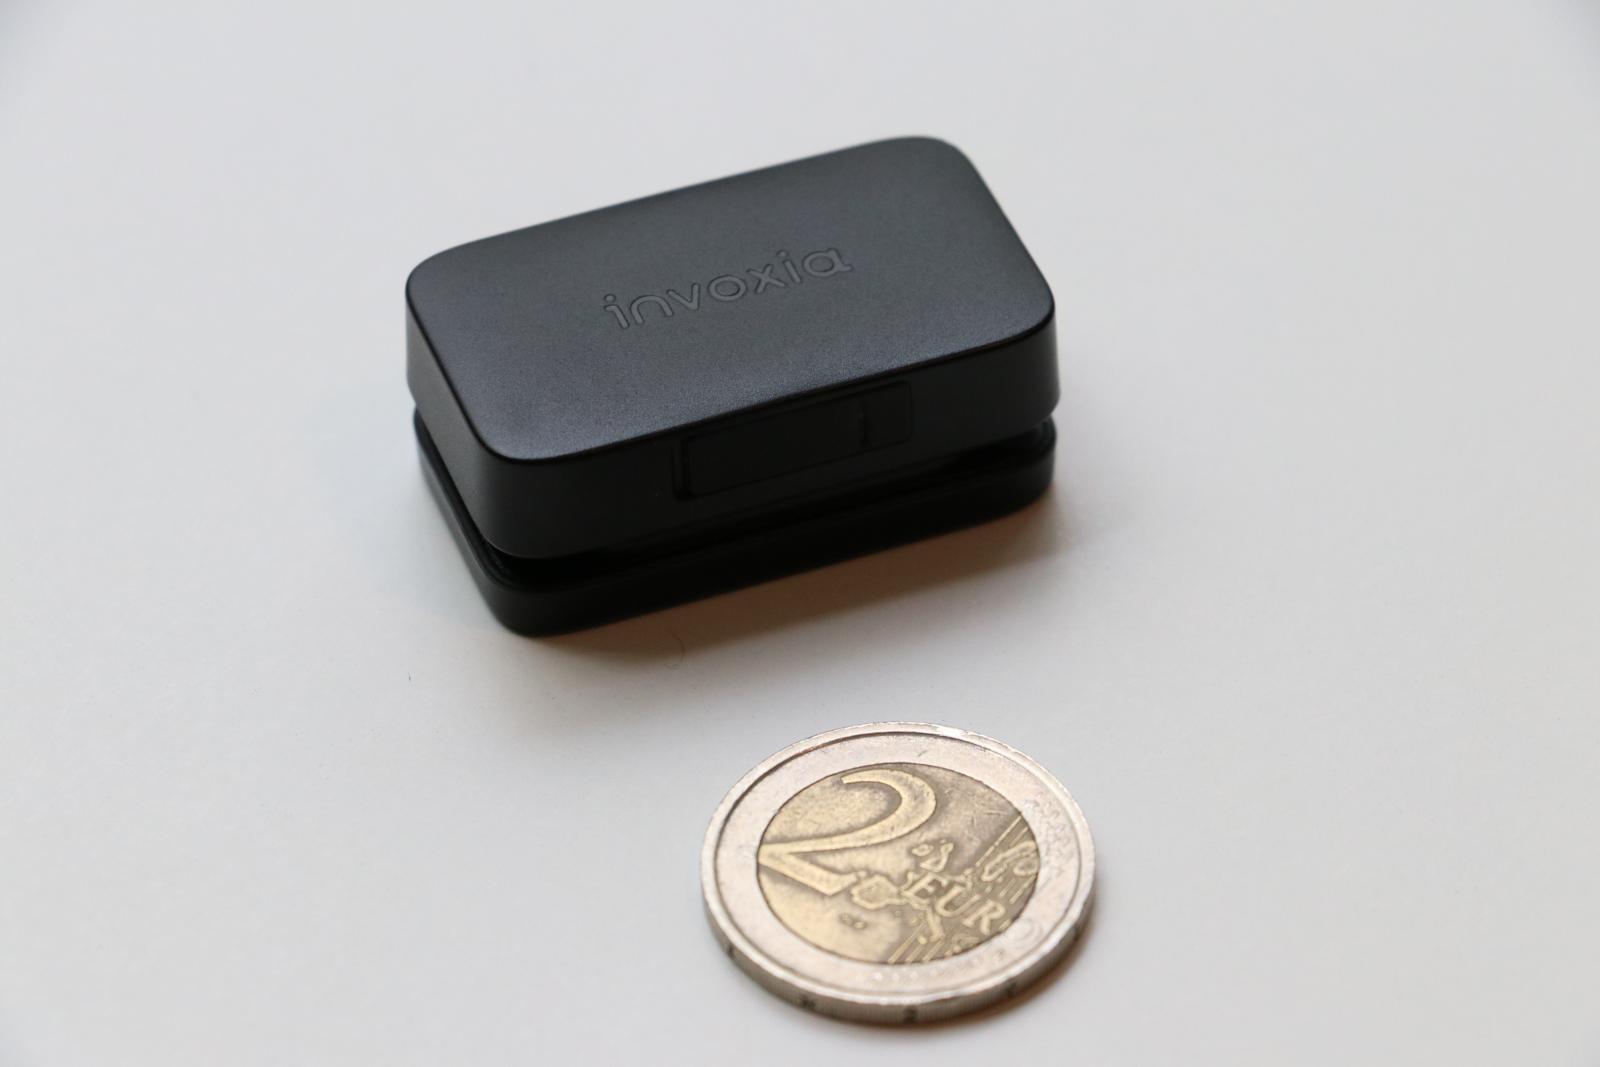 Beepings ZEN Balise GPS et détecteur de mouvement pour voitures/motos/scooters.. 864bca0f-8d44-4090-abb7-f715e477e916